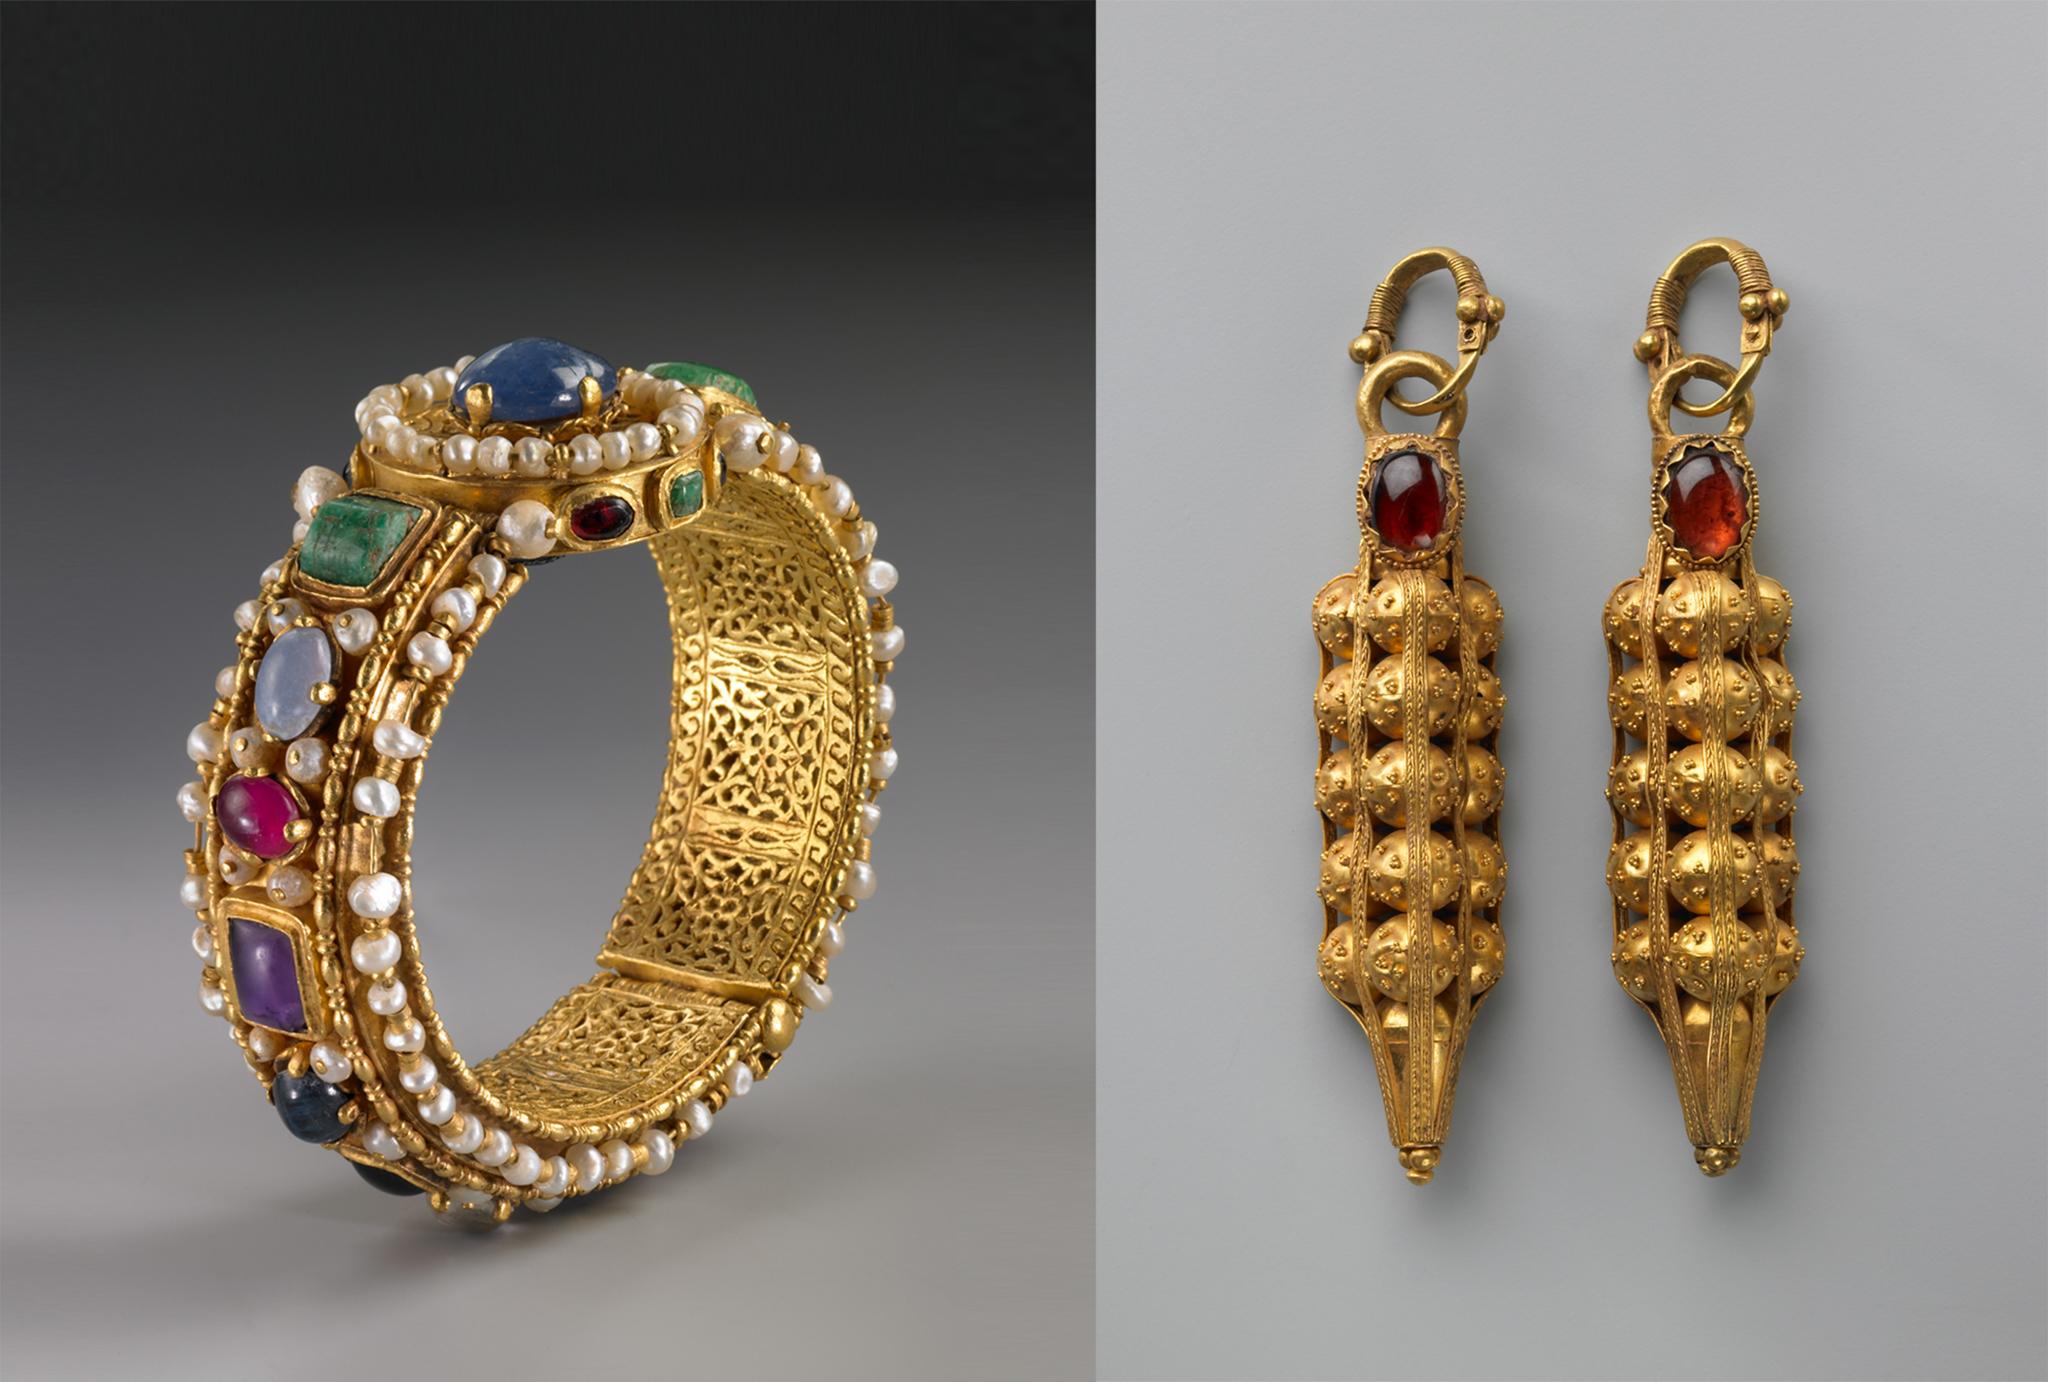 Bejeweled bracelet and earrings (© Bruce M. White/Toledo Museum of Art)